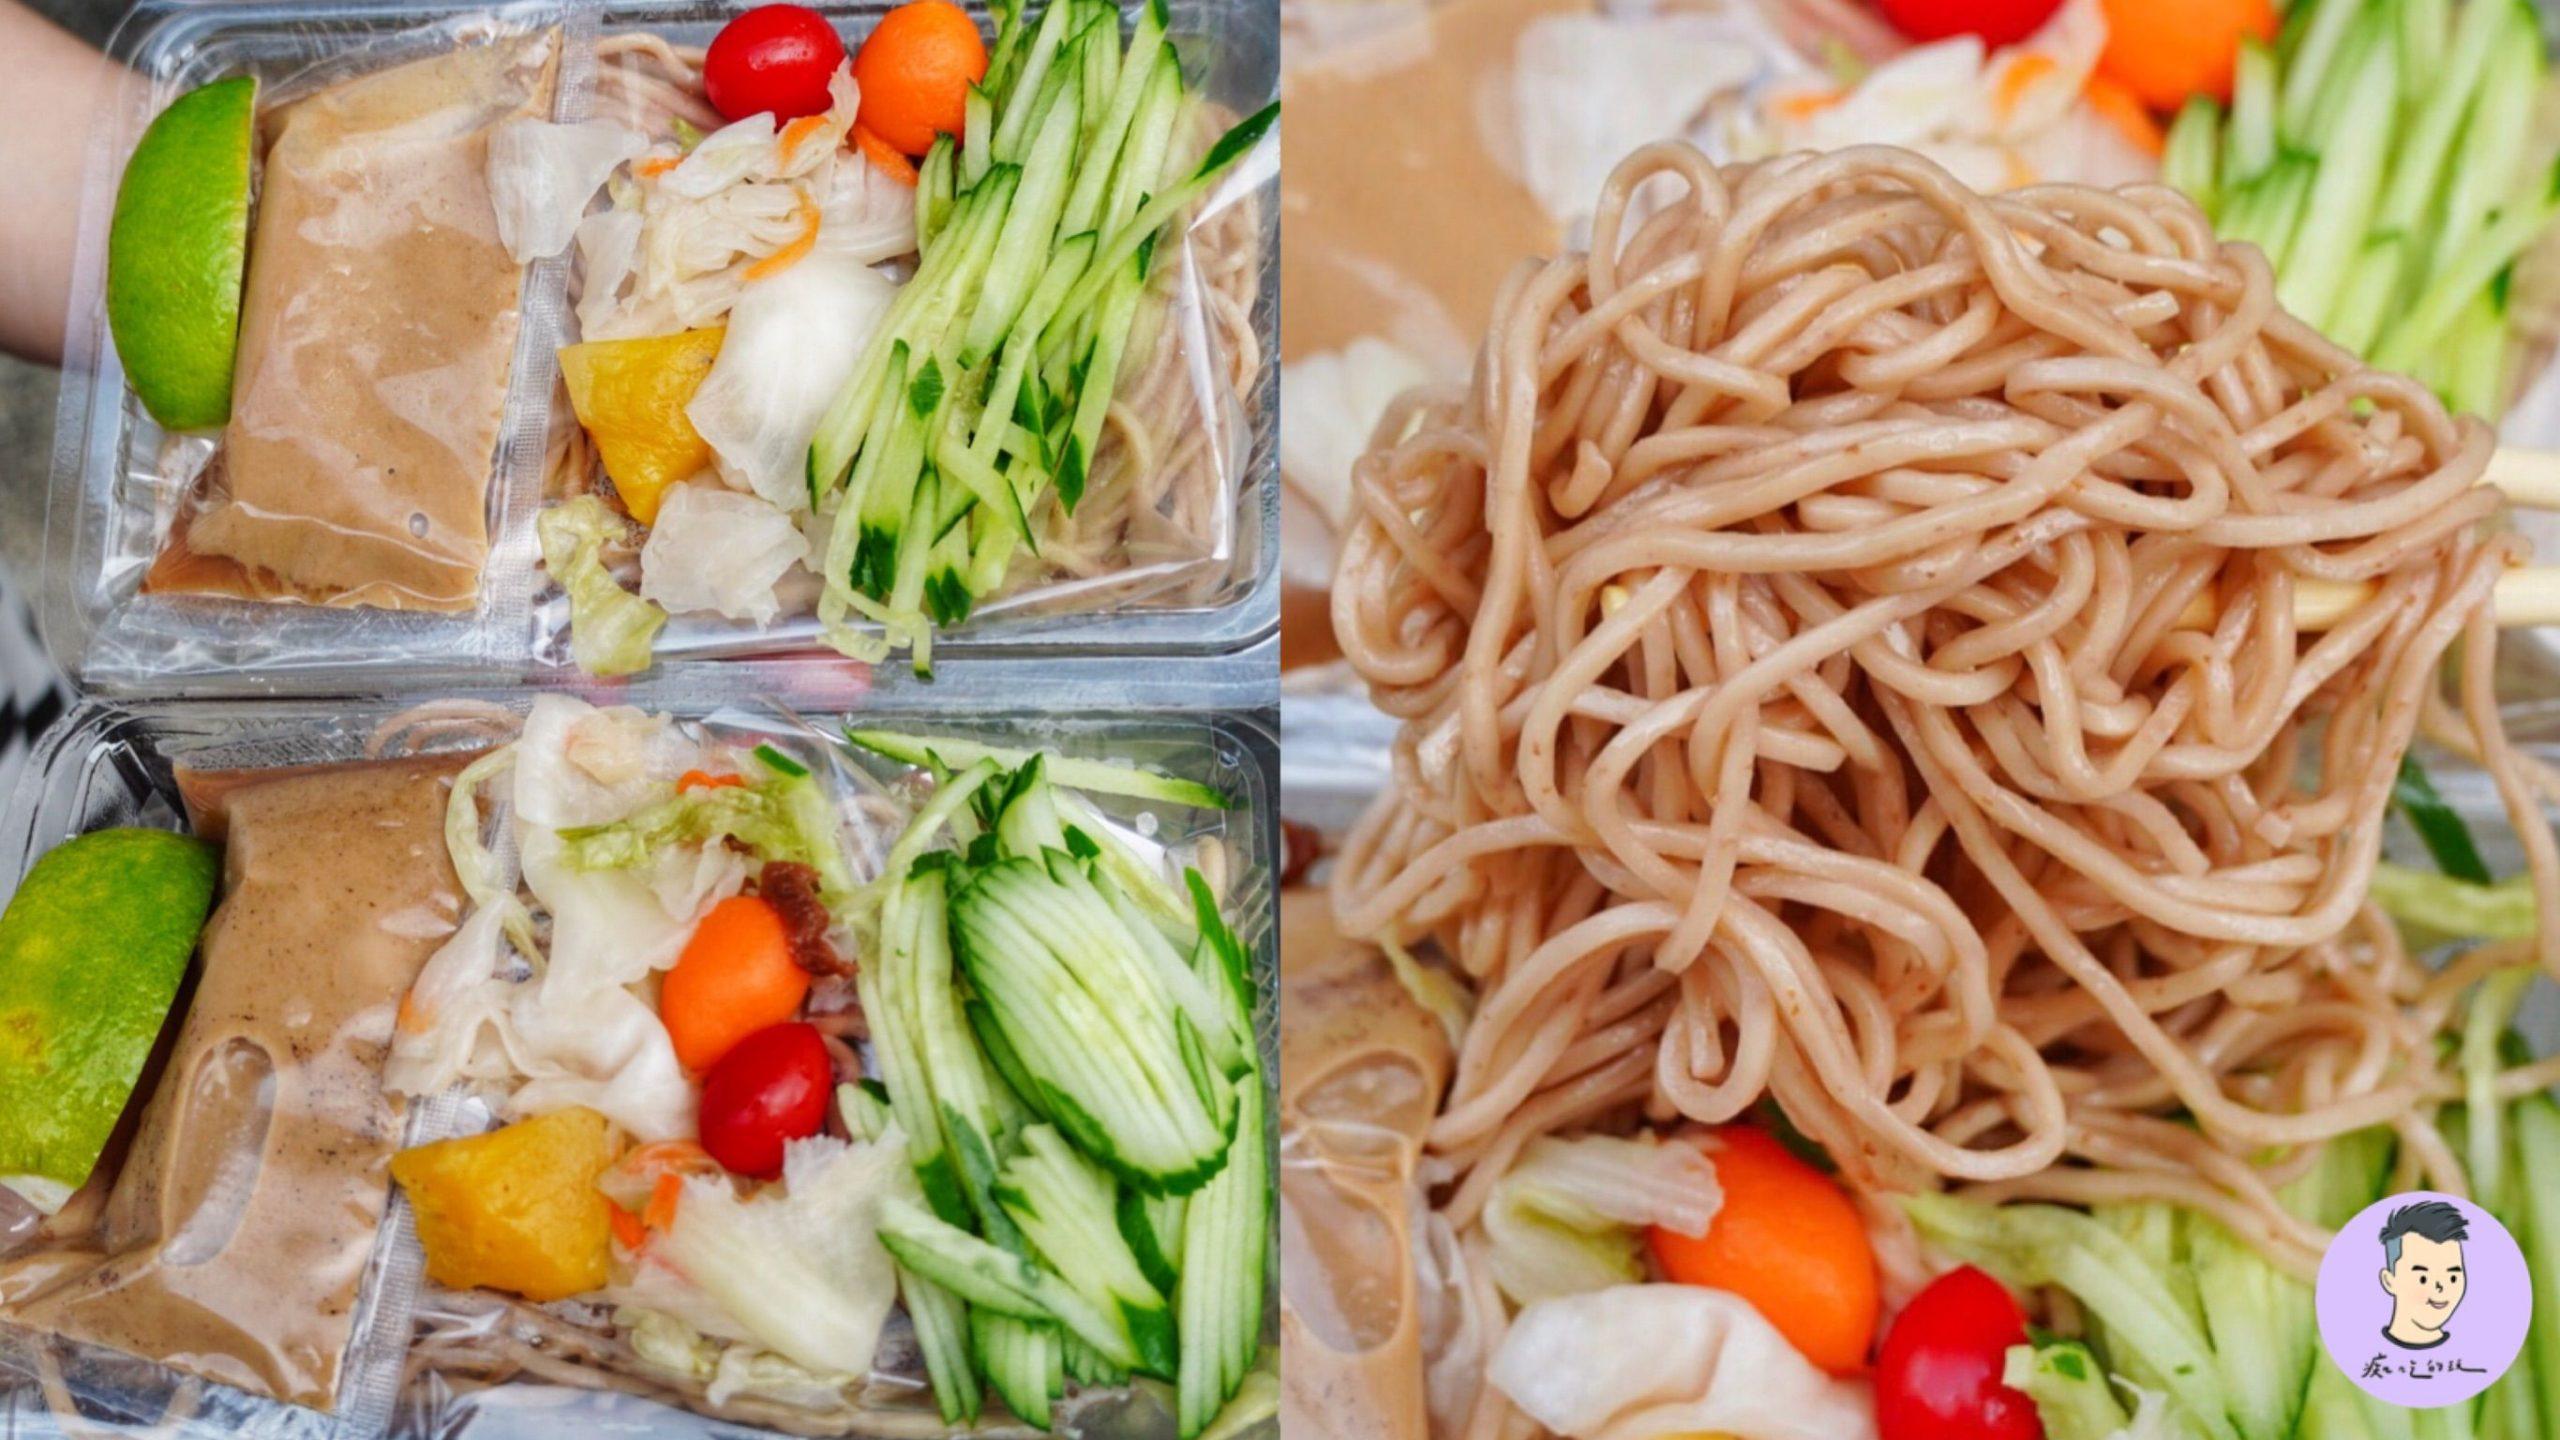 【台南美食】 美都涼麵 你吃過這樣的涼麵嗎?蕎麥麵+蔬果清爽組合 台南只有這間才有賣